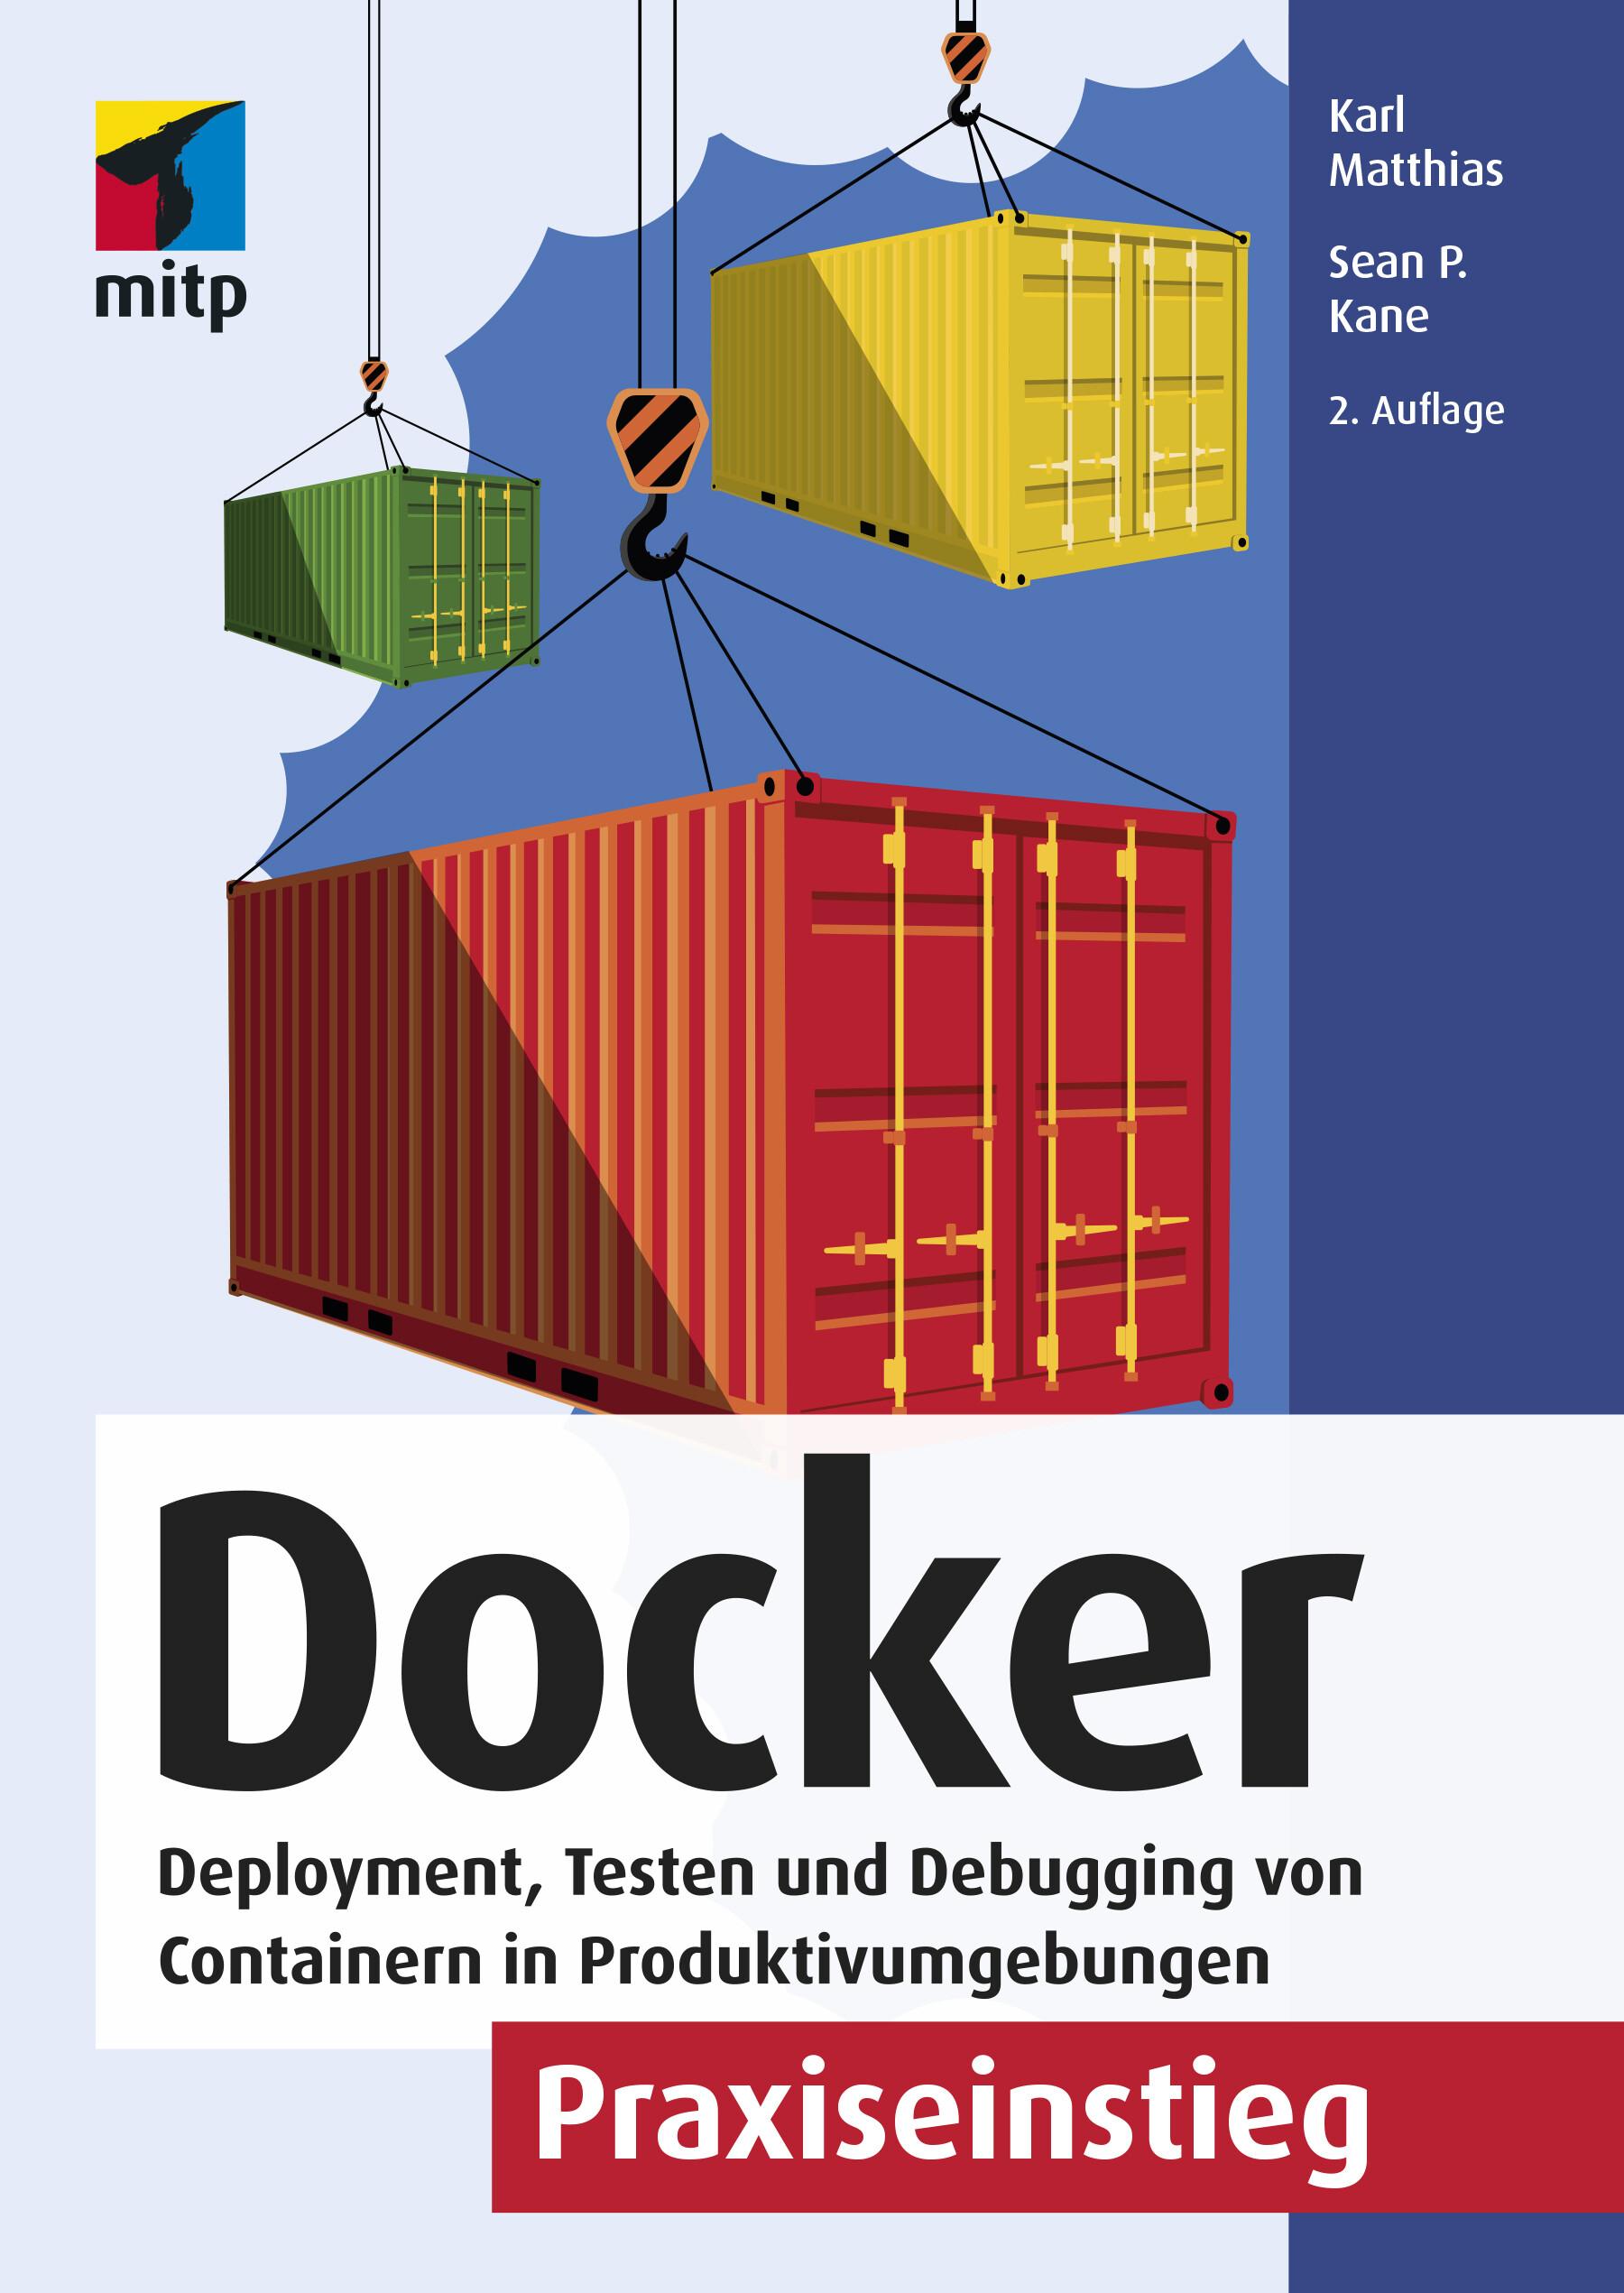 Docker Praxiseinstieg (2. Auflage)